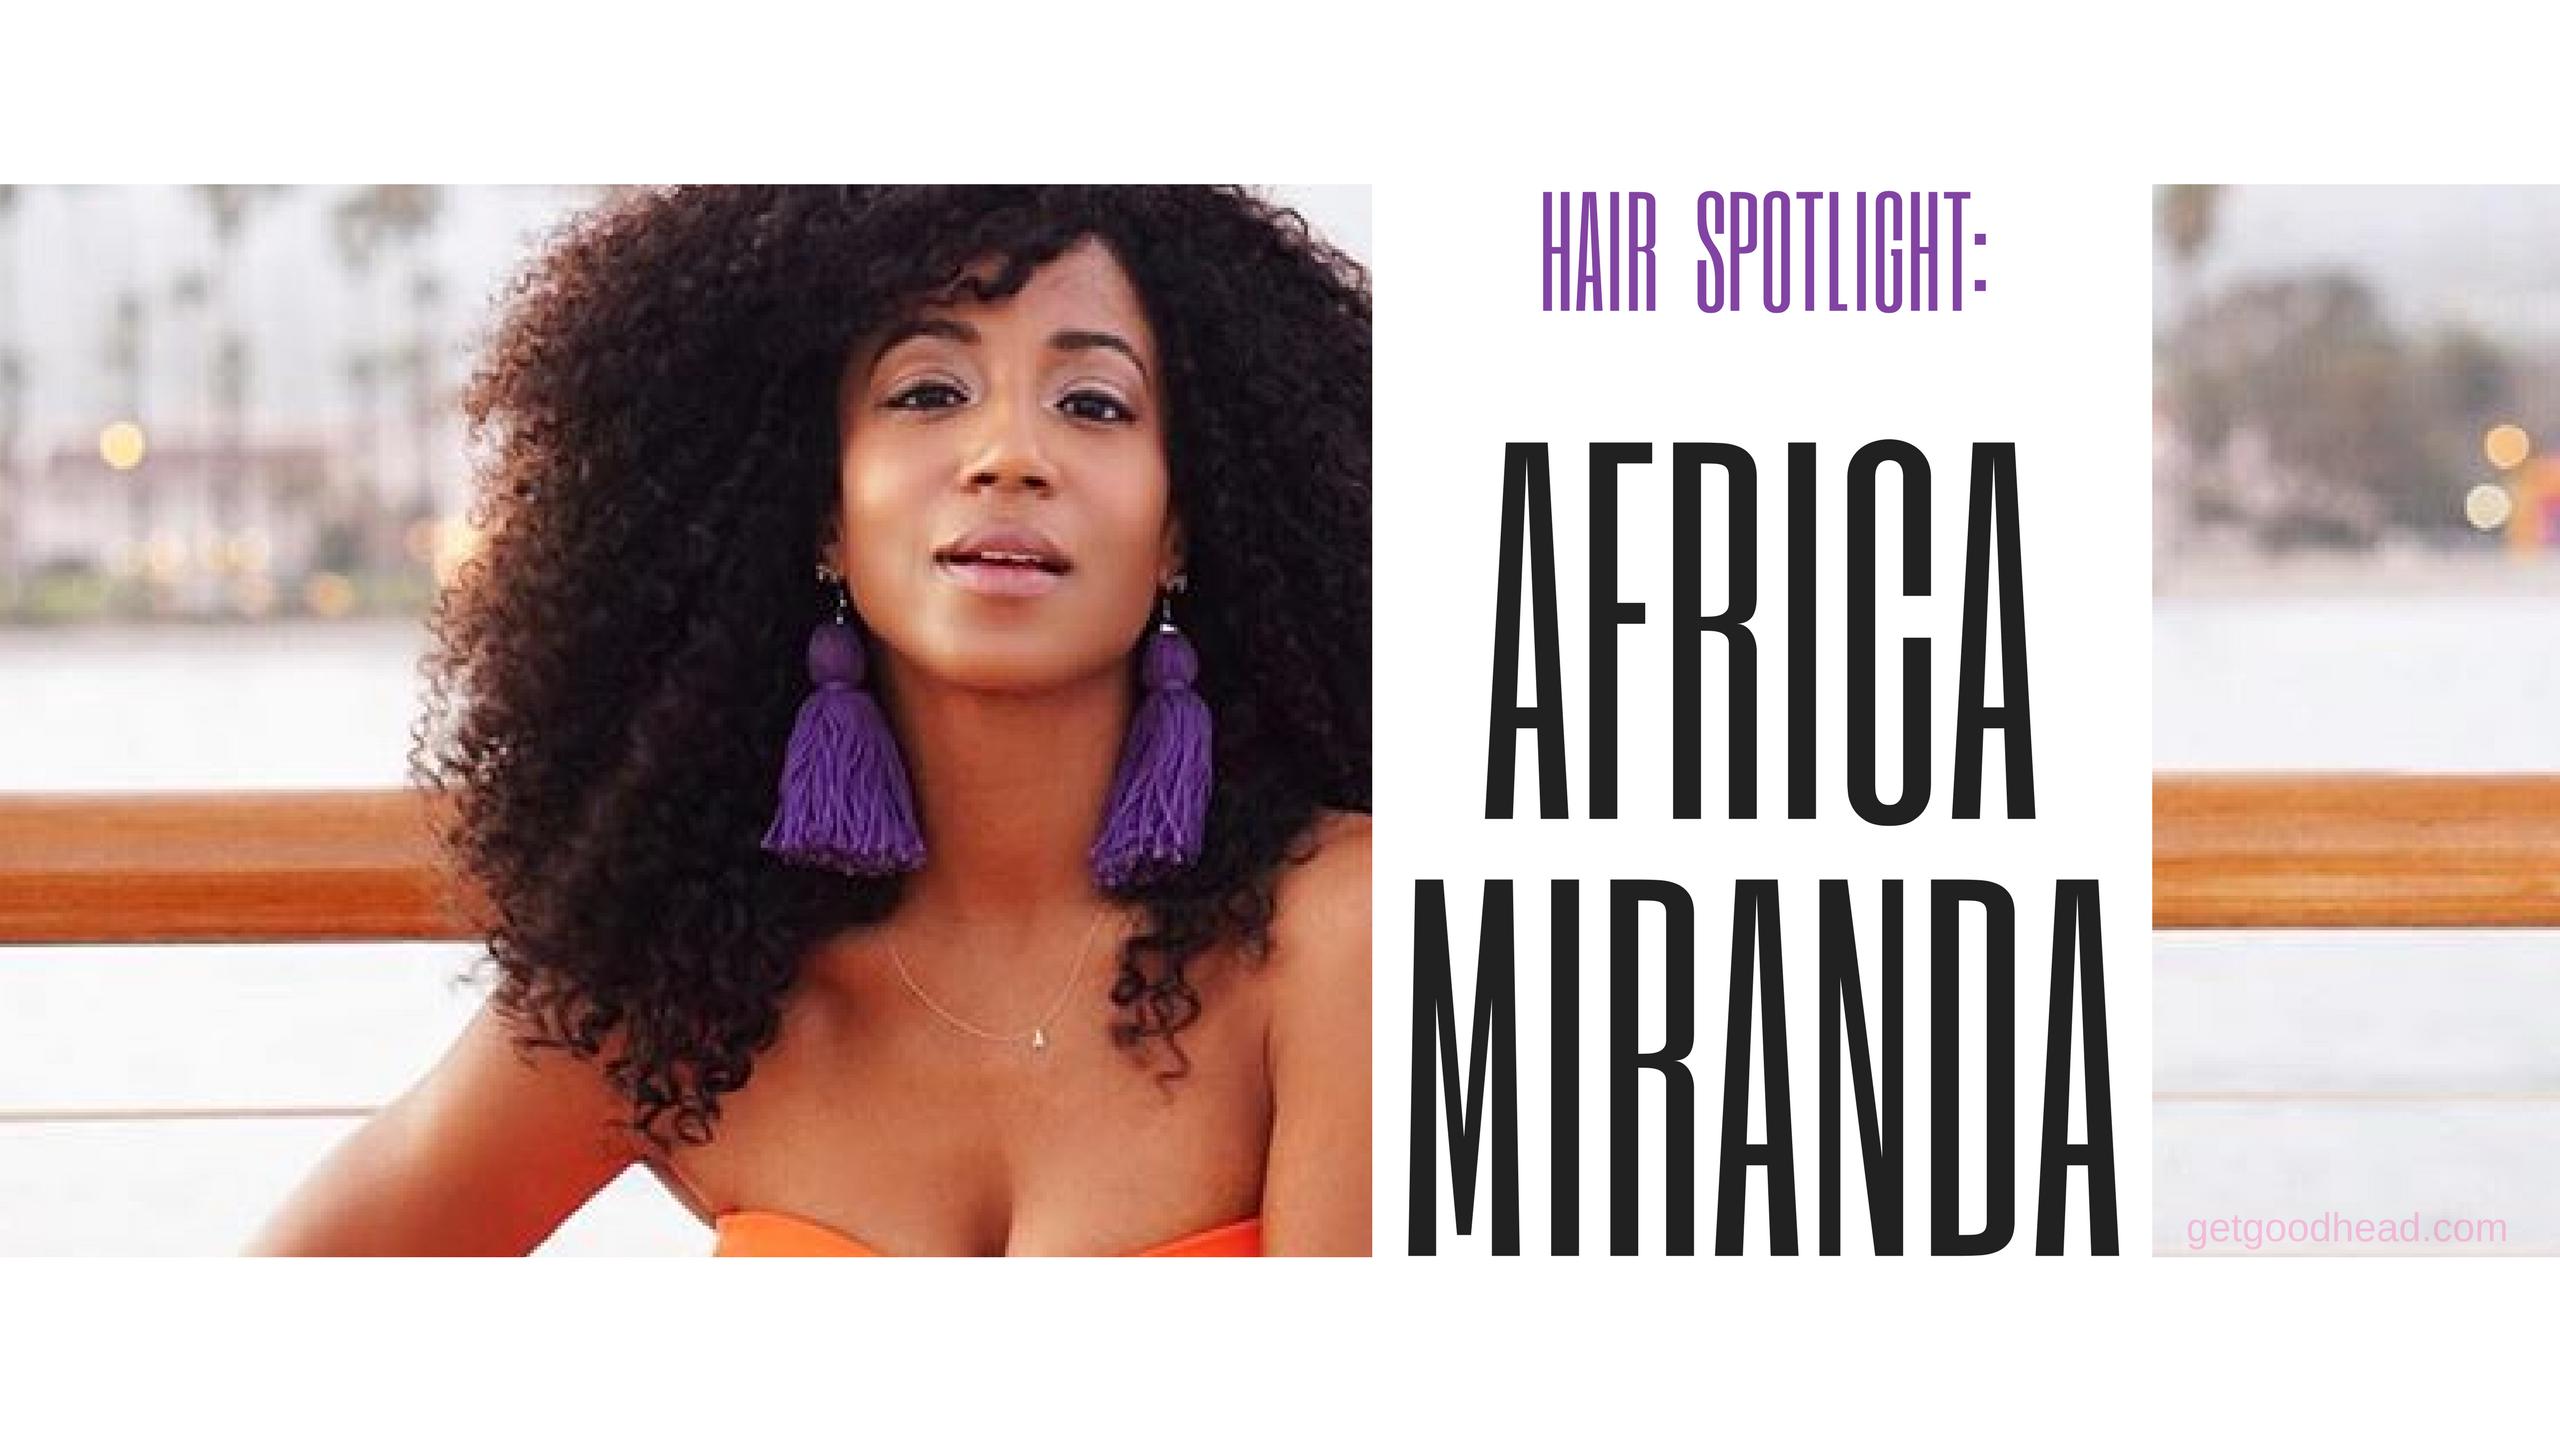 Hair Spotlight Africa Miranda